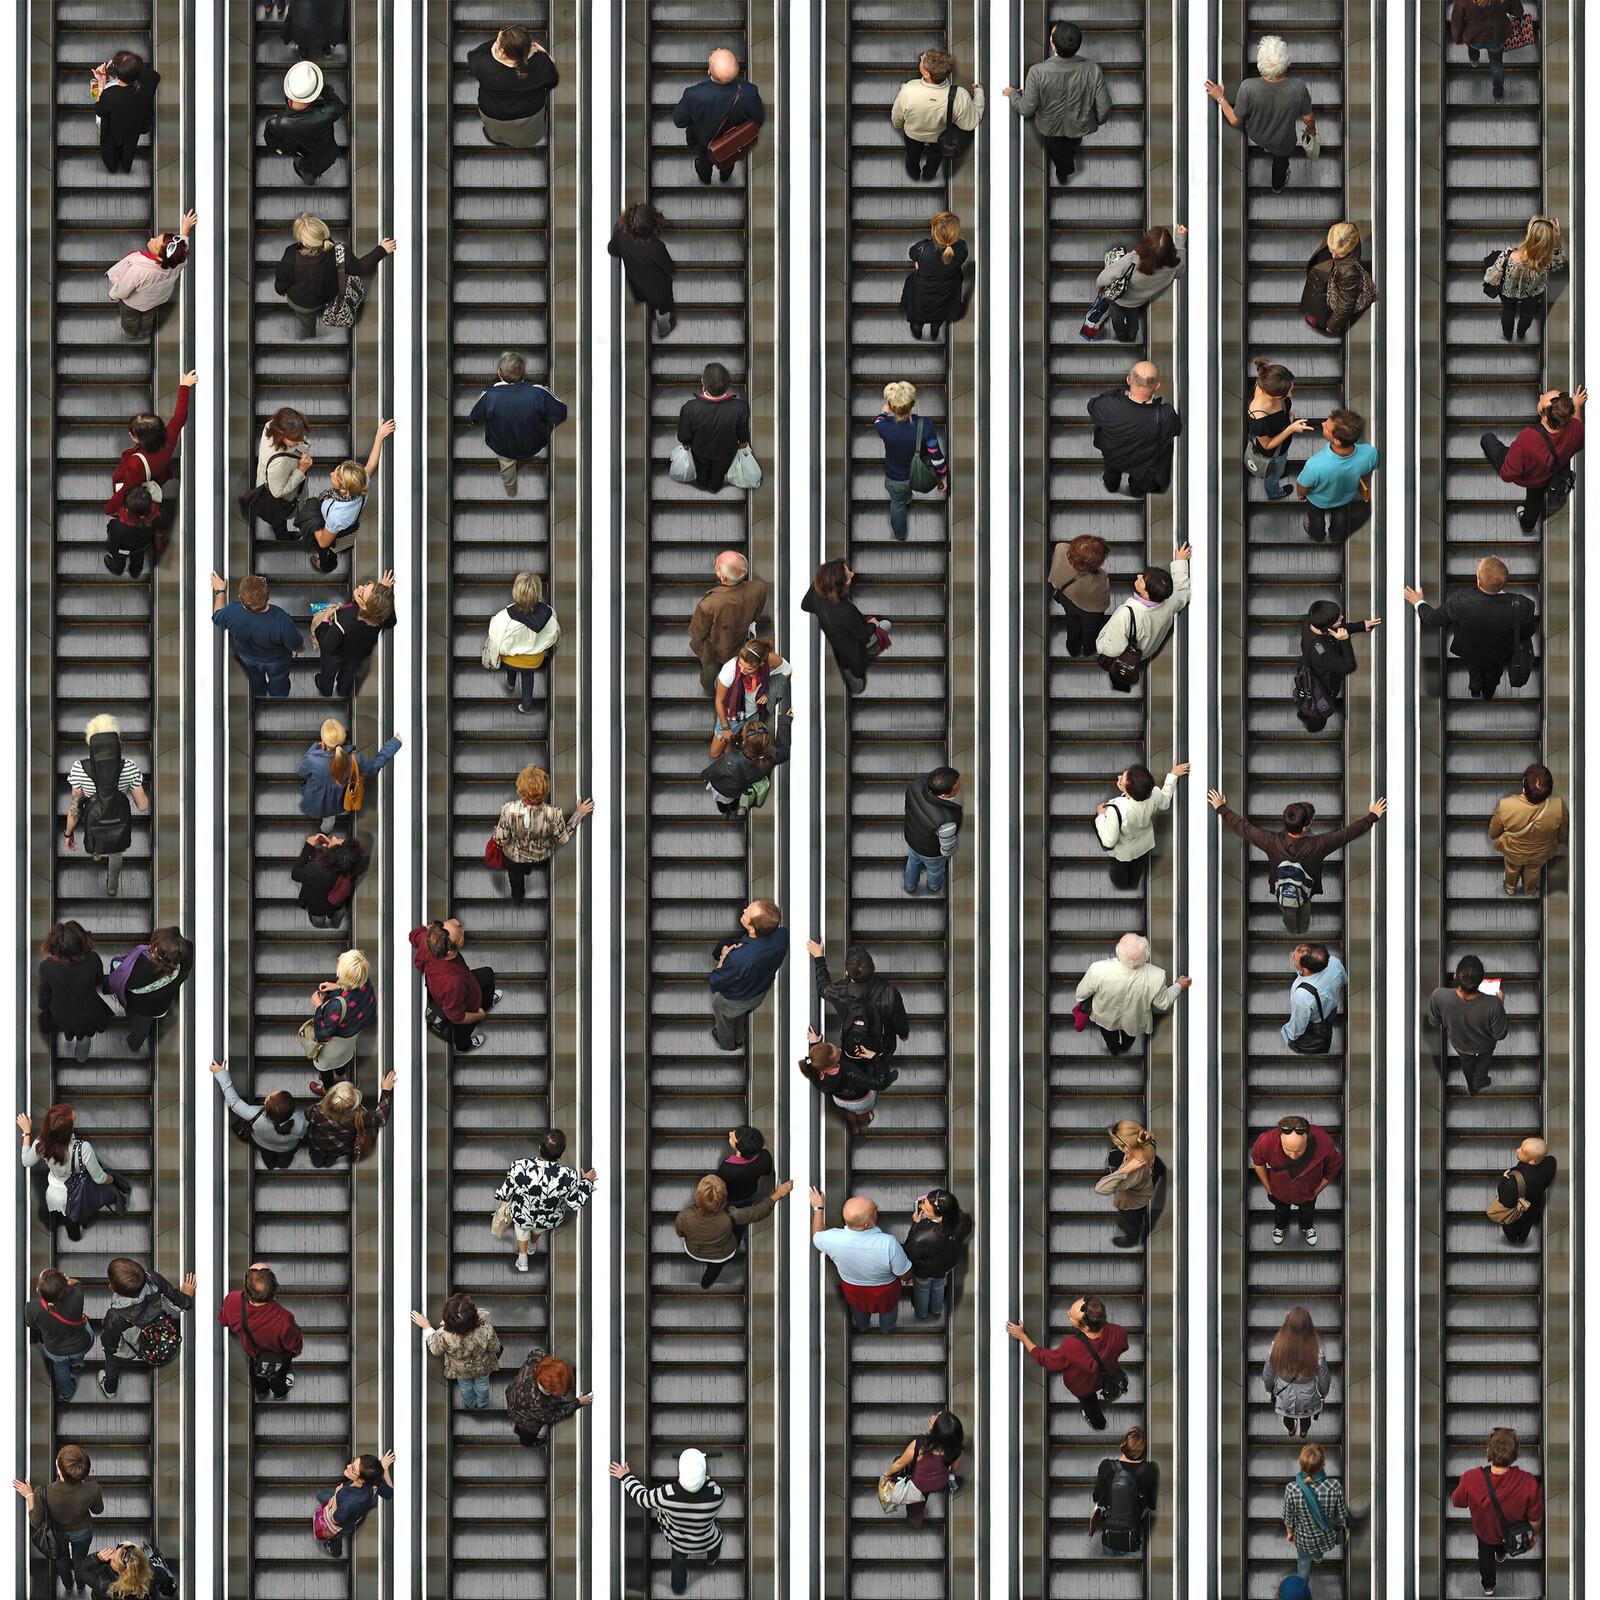 Escalator I - Michael Michlmayr